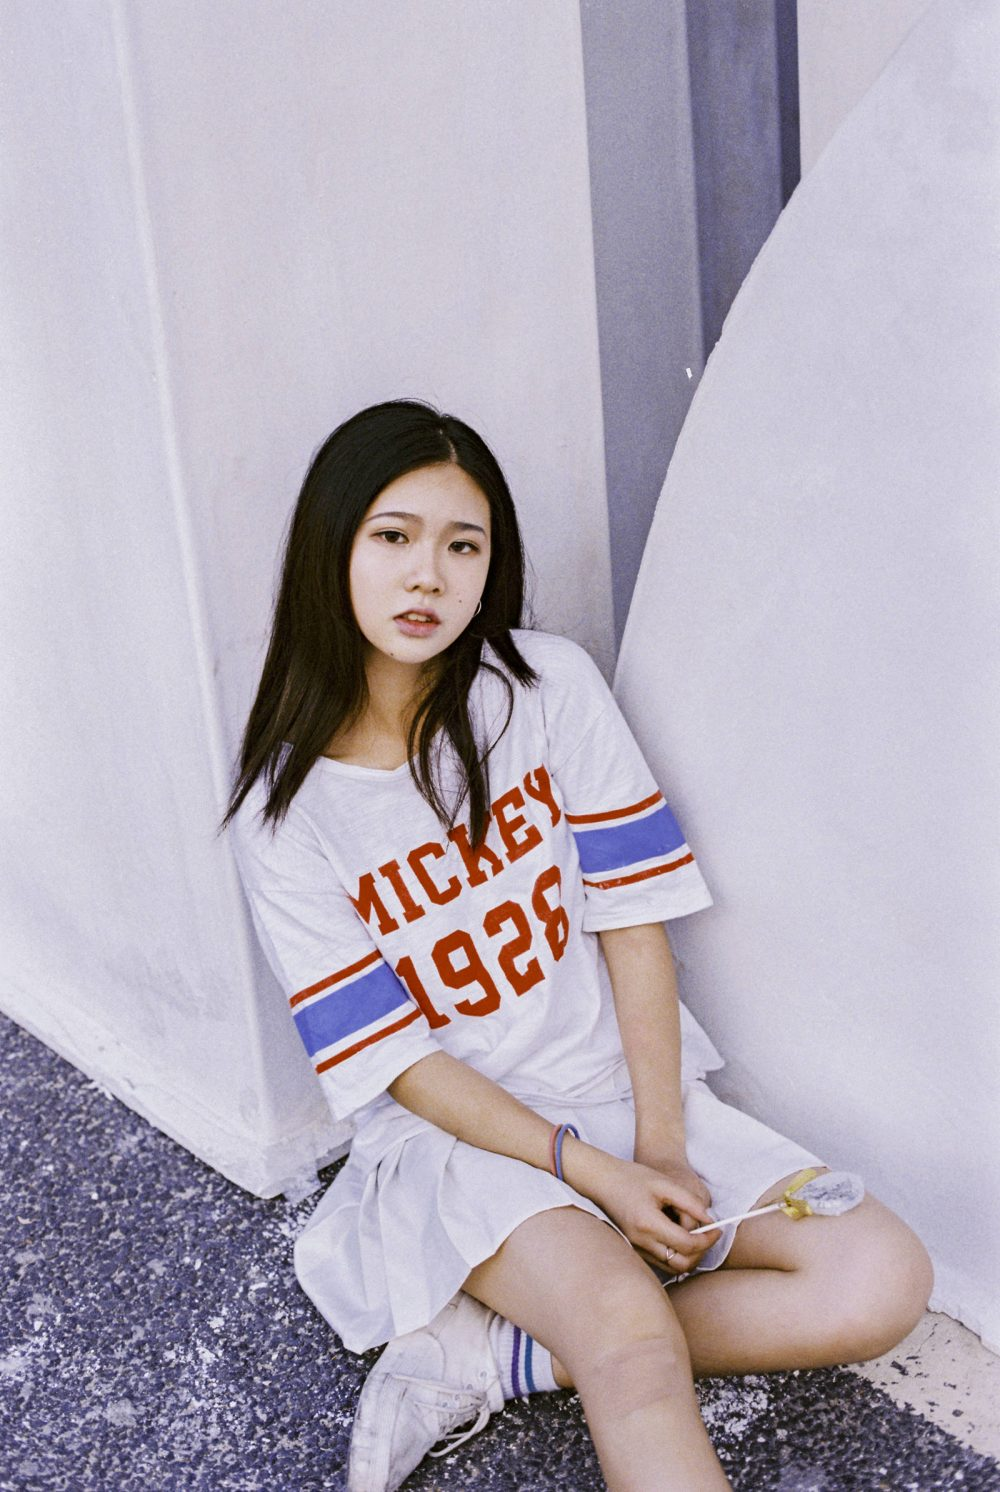 「不期而遇」-菲林中文-独立胶片摄影门户!